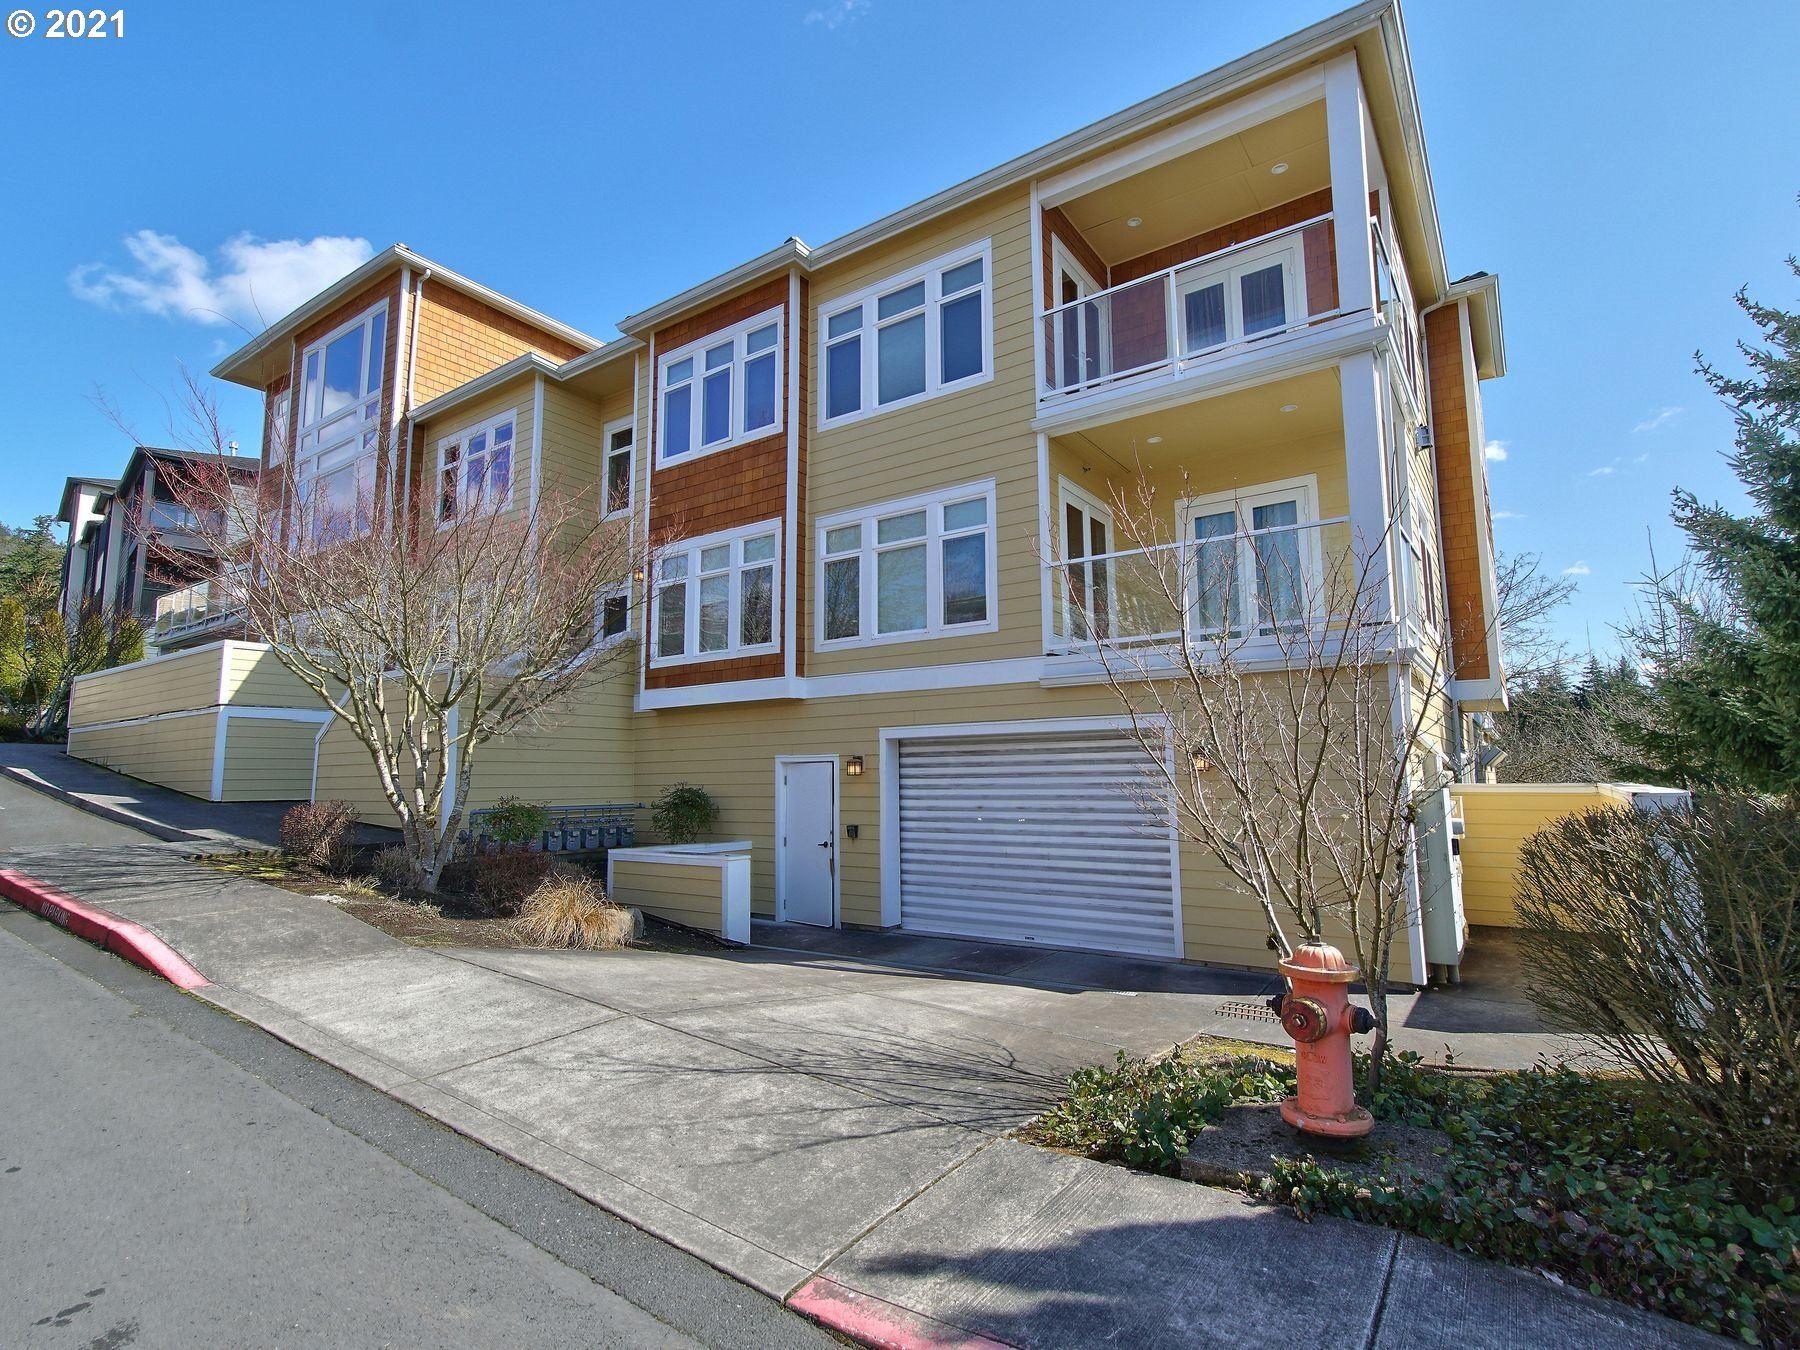 3018 NW MONTARA LOOP #8, Portland, OR 97229 - MLS#: 21520567